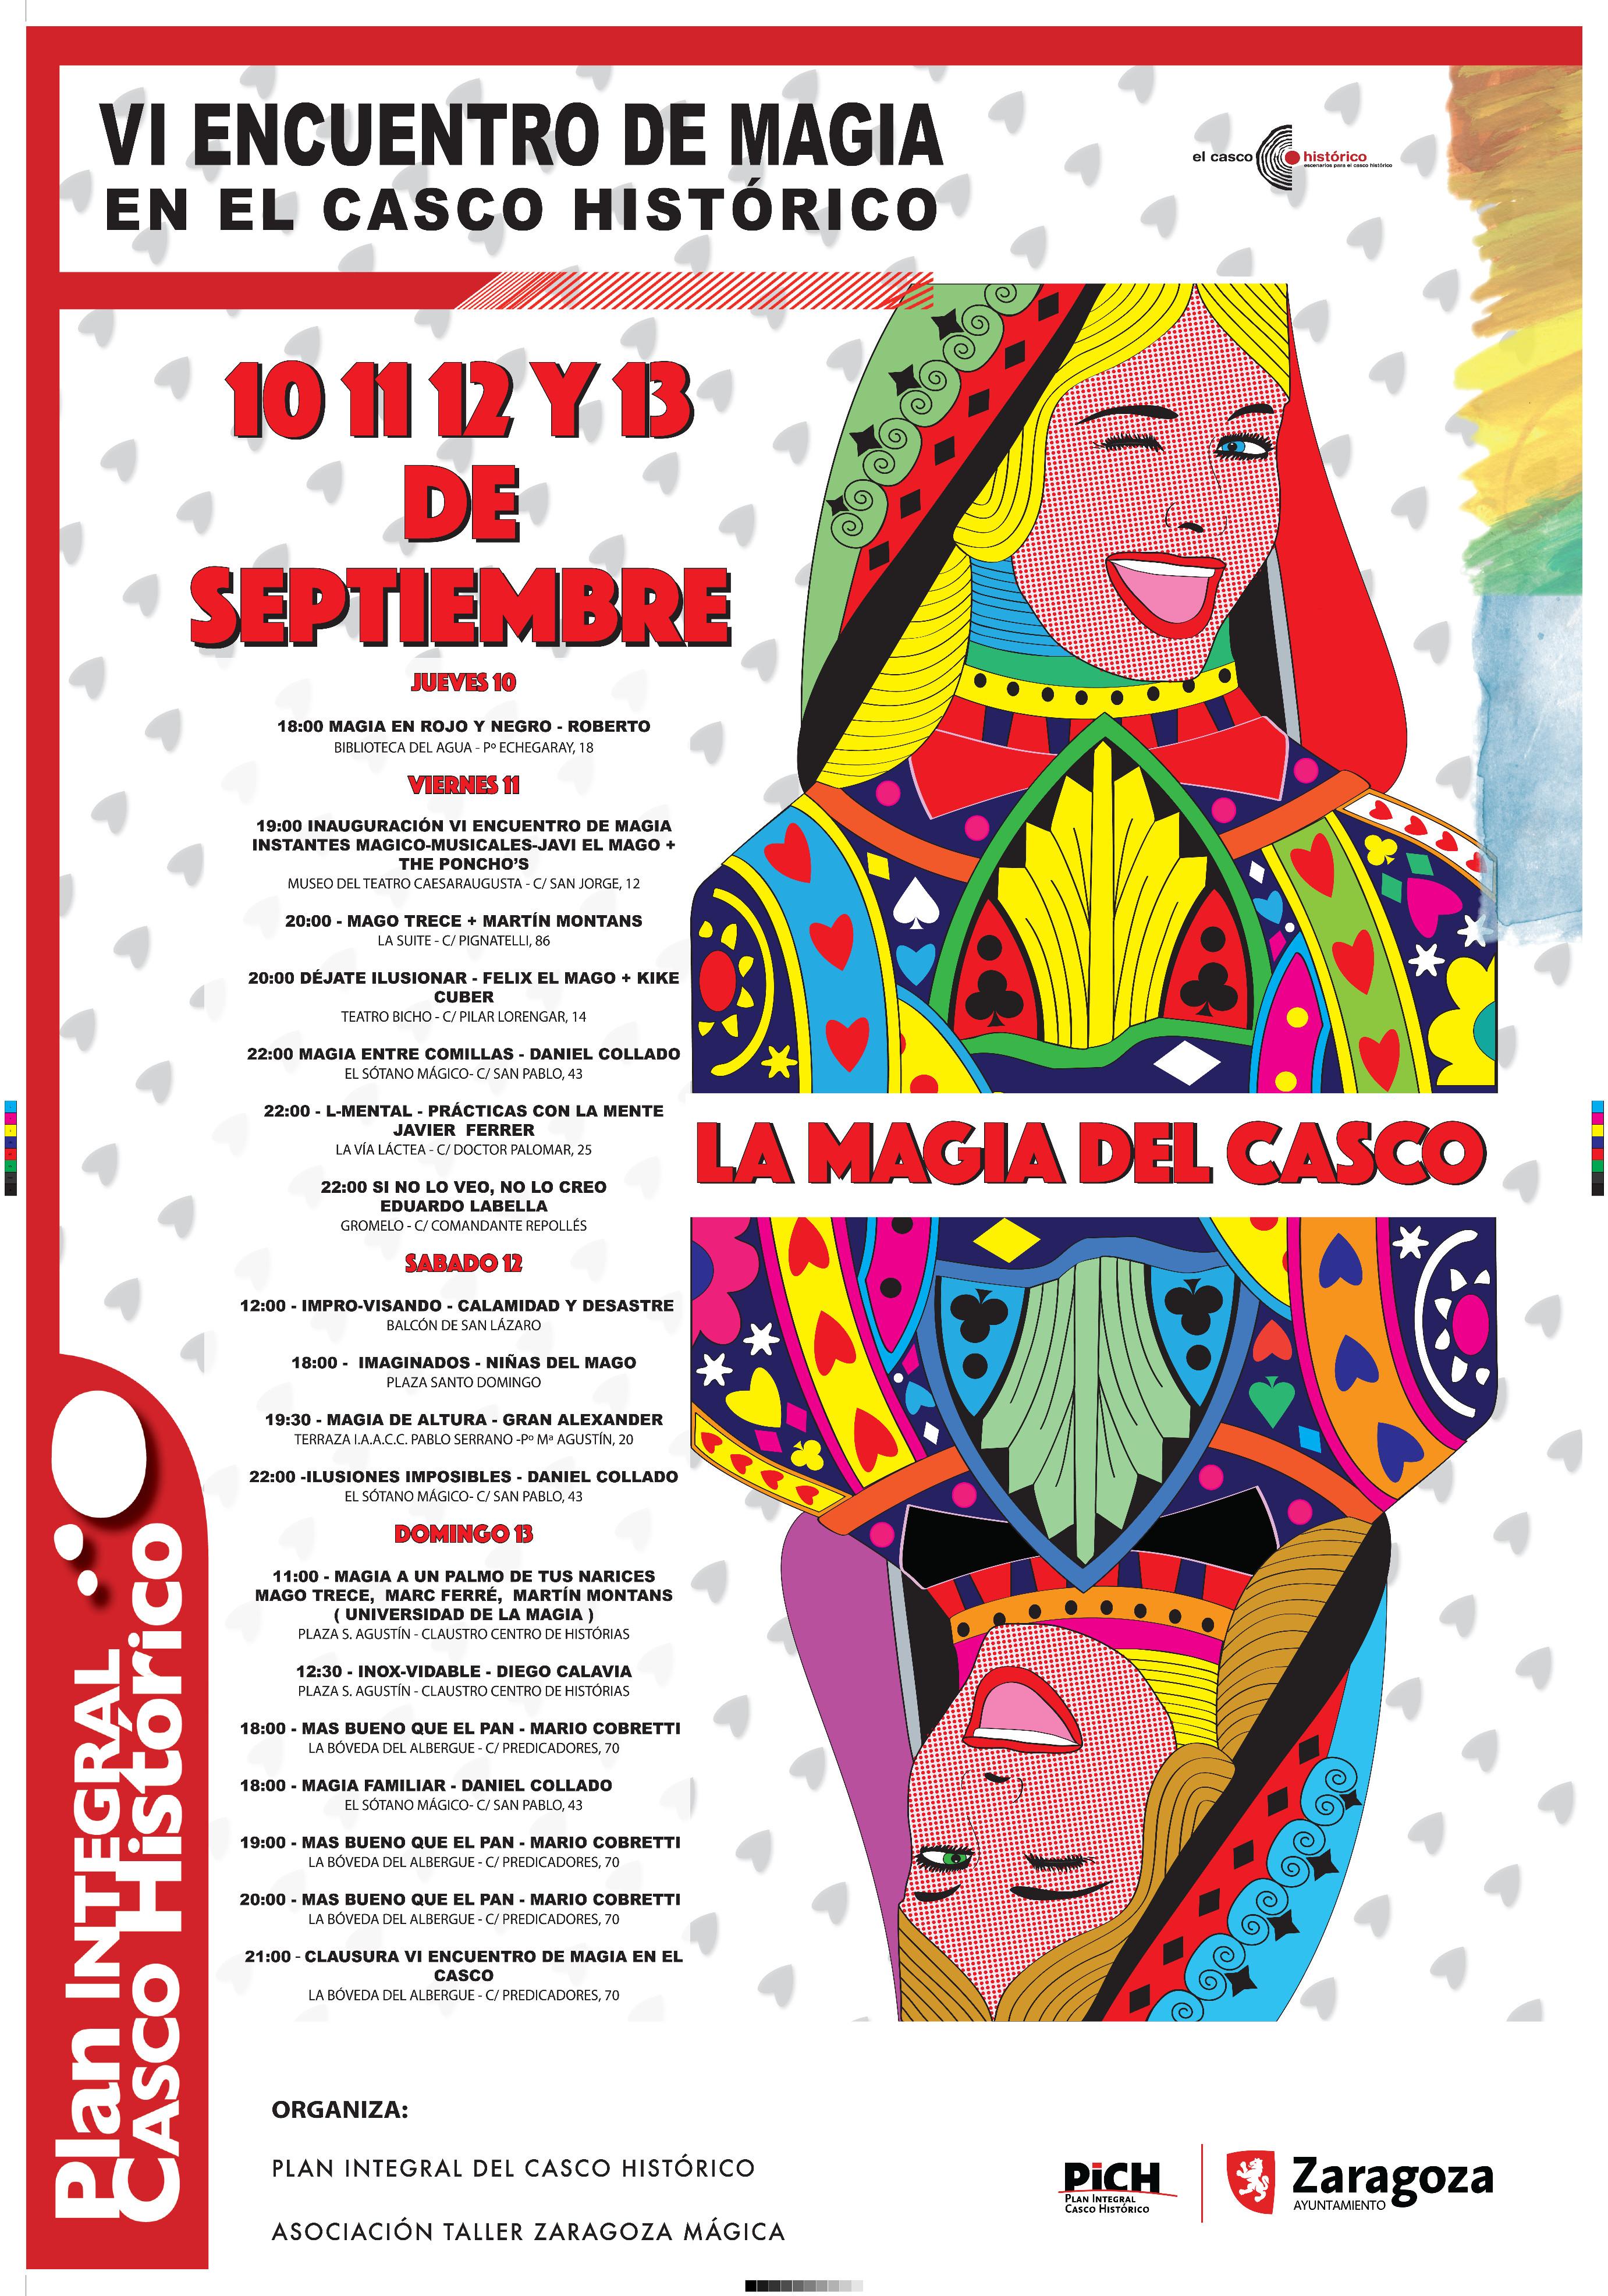 VI Encuentro de Magia en el Casco Hist�rico